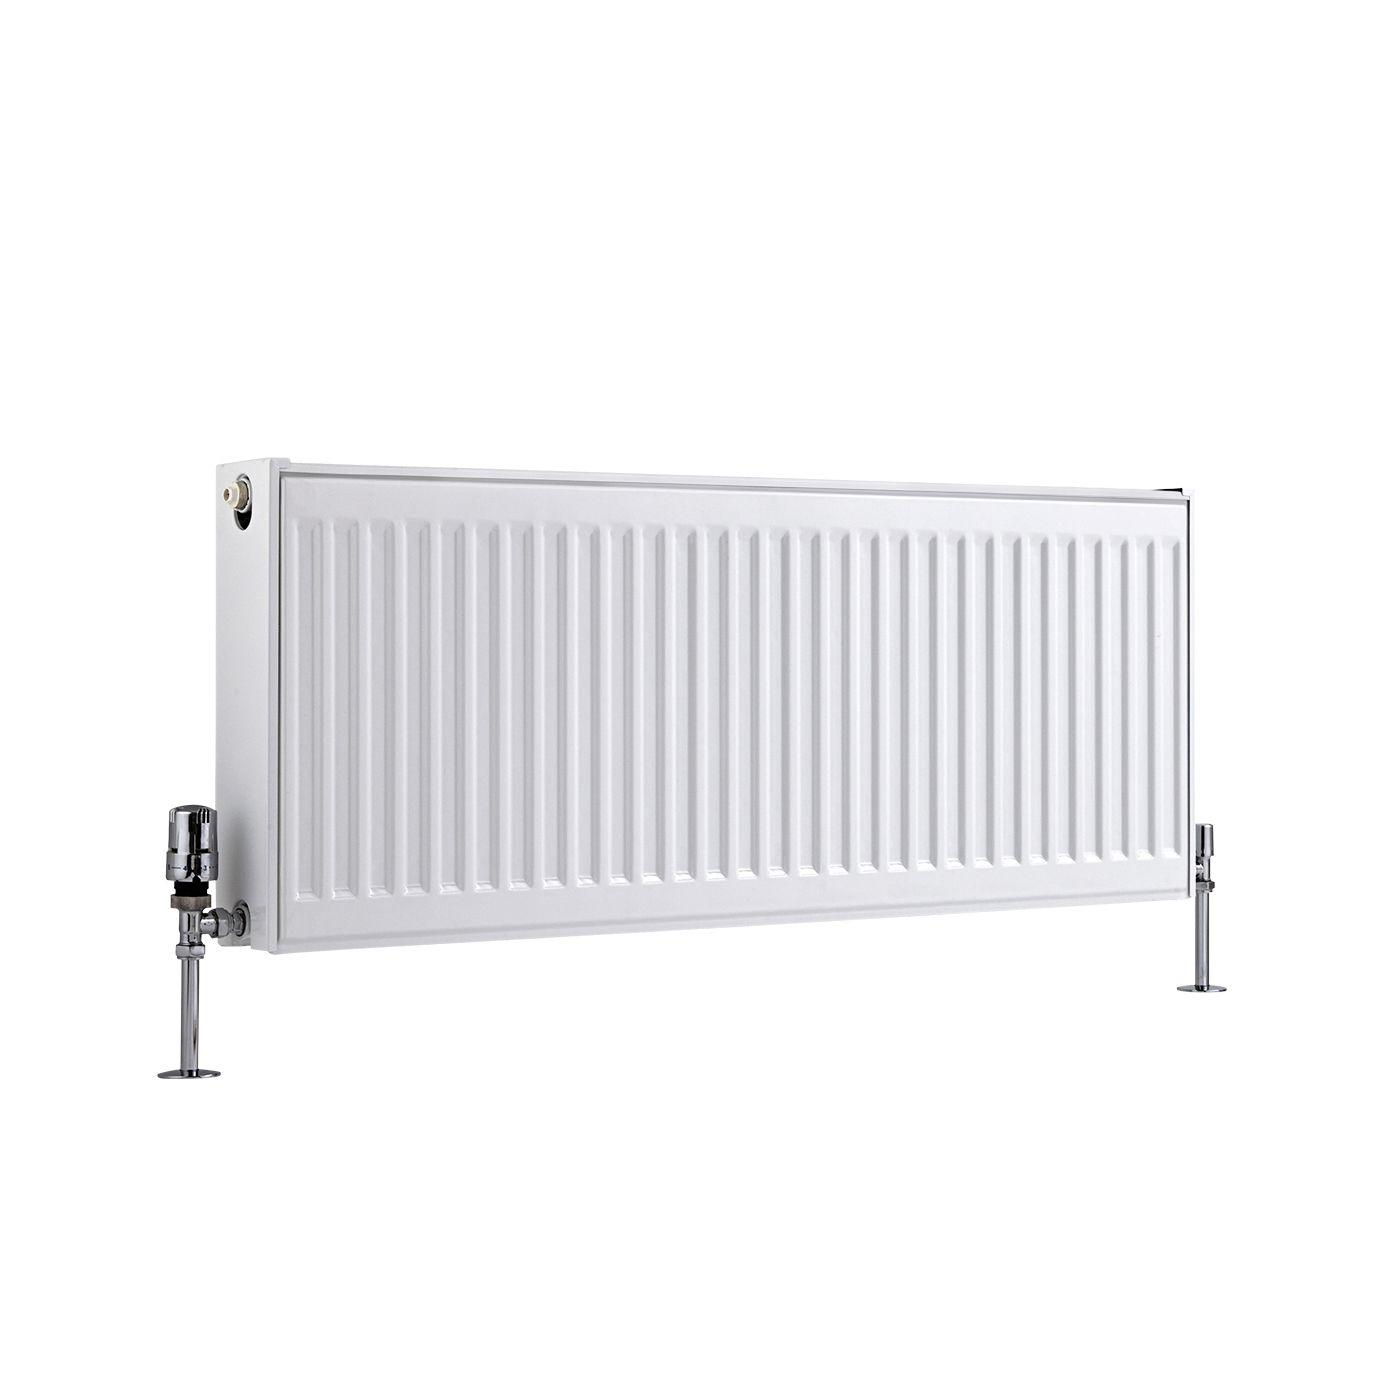 radiateur panneaux type 22 horizontal blanc eco 40cm x 100cm x 10 3cm 1155 watts. Black Bedroom Furniture Sets. Home Design Ideas